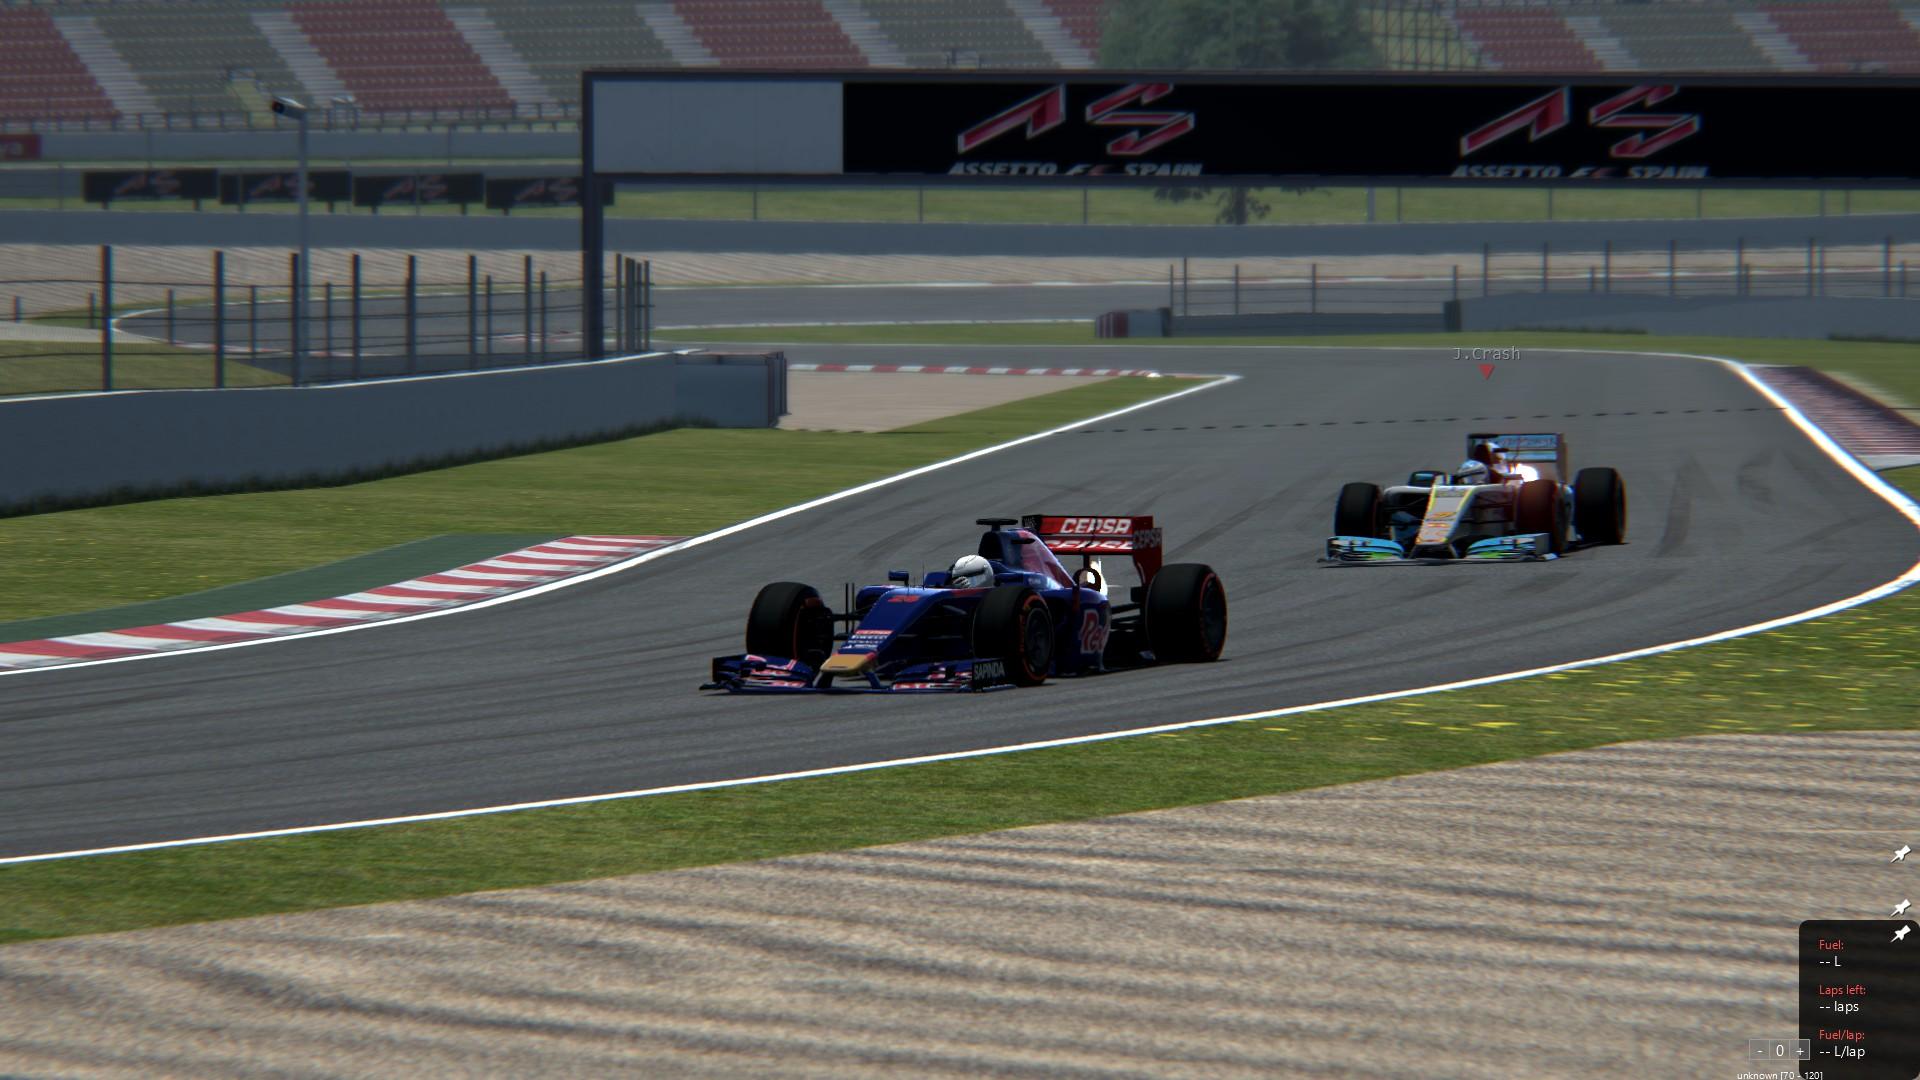 Gp de España F1 Paralela Assetto F1 Spain  CF41EEC233F6B2E90234F81C55F2E91EE1583CF5